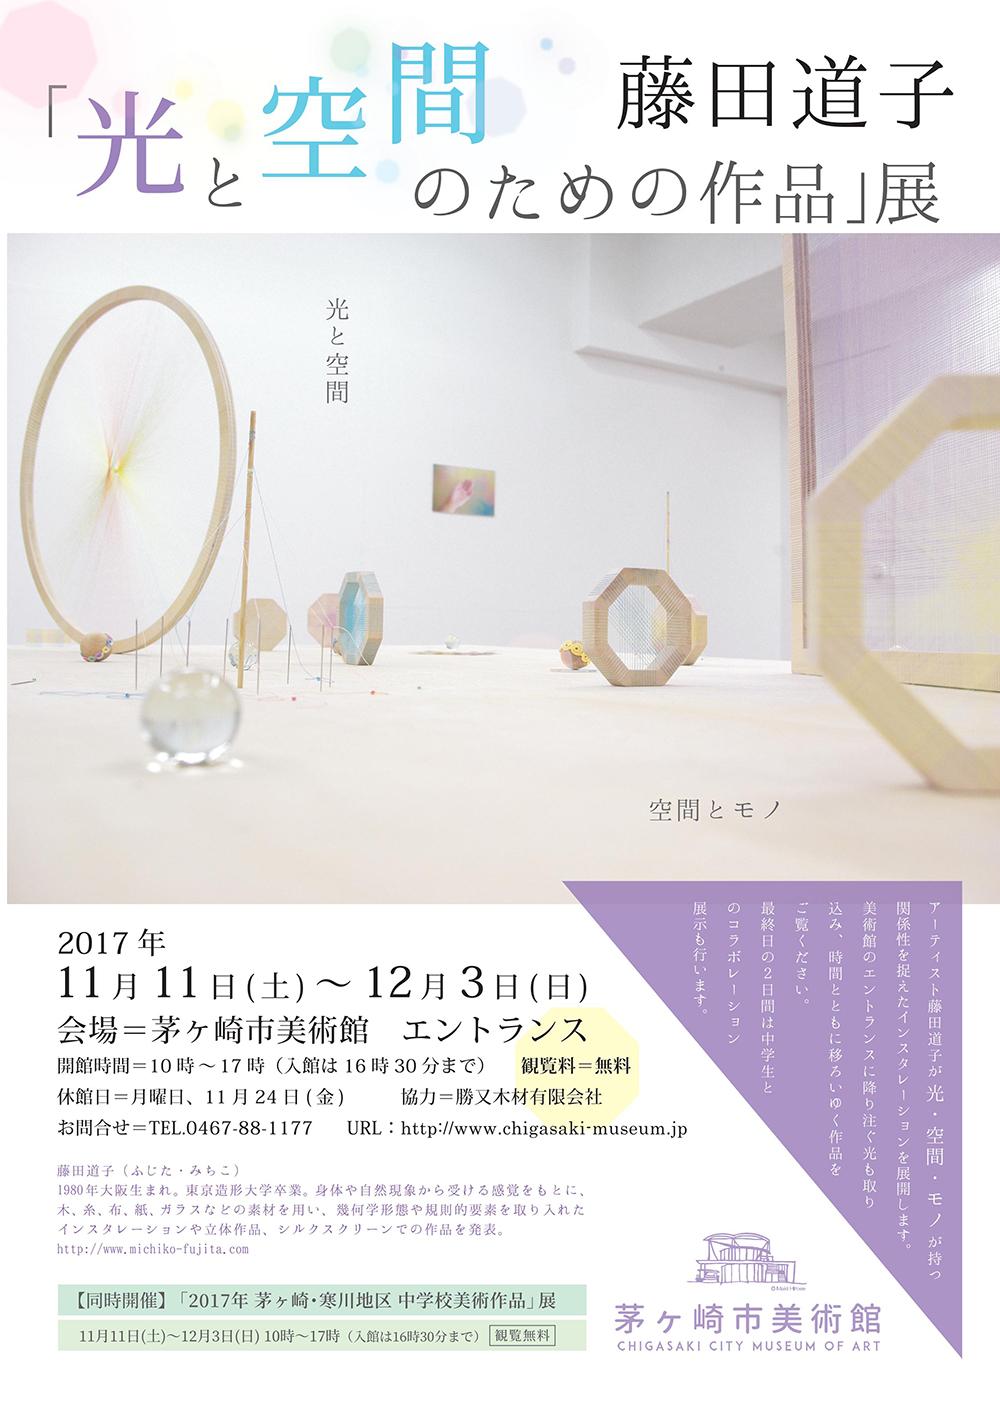 藤田道子「光と空間のための作品」展